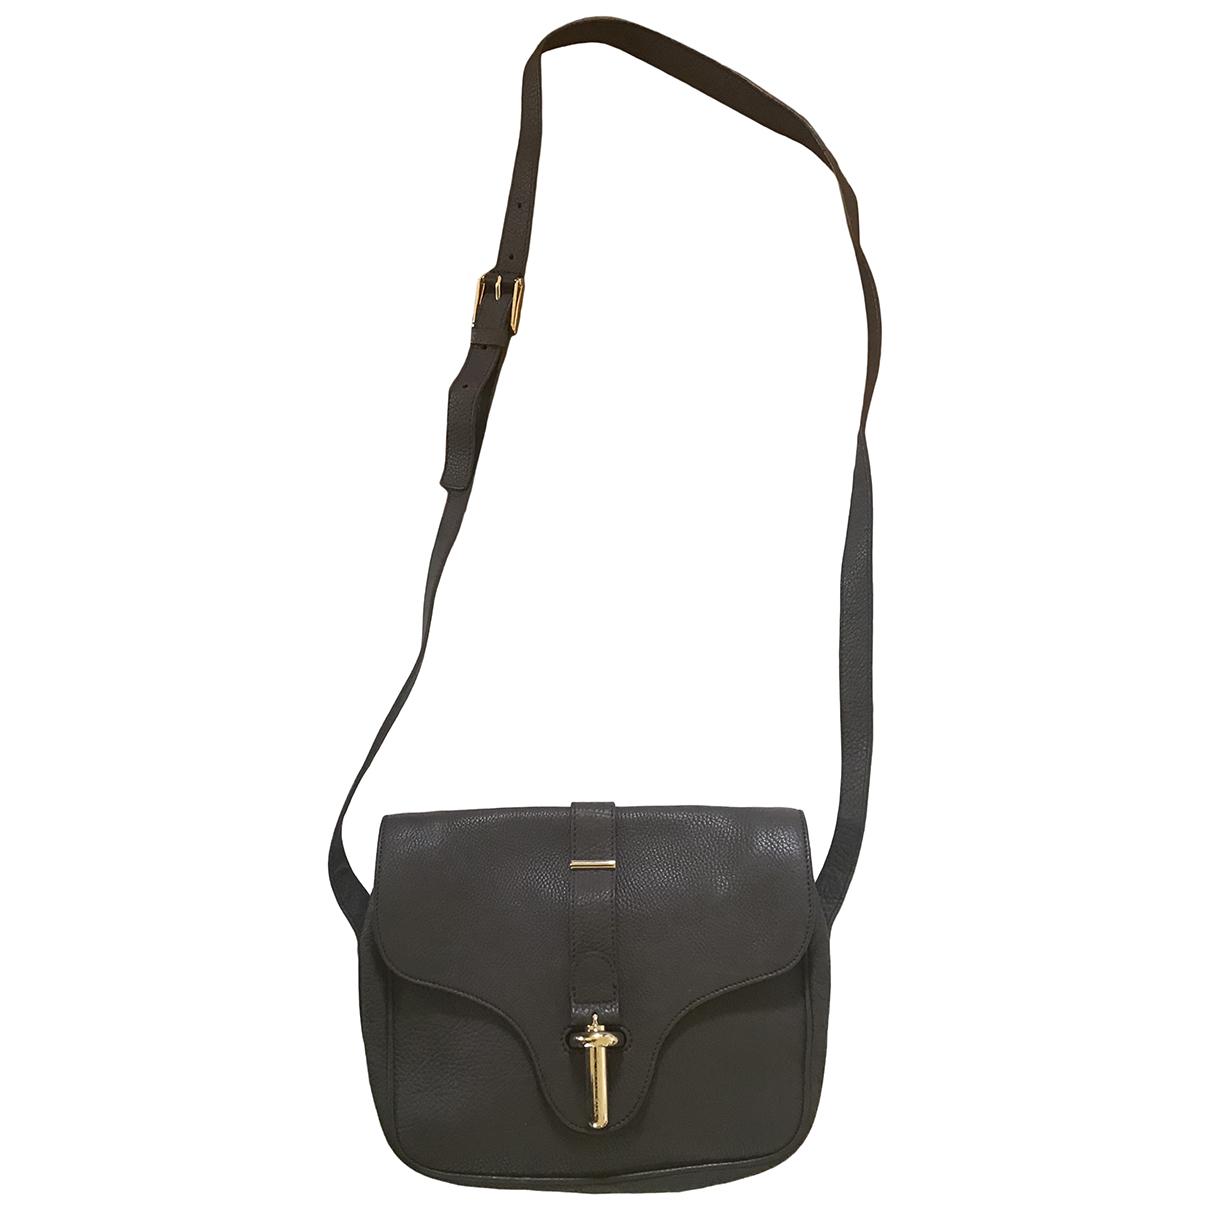 Balenciaga \N Grey Leather handbag for Women \N